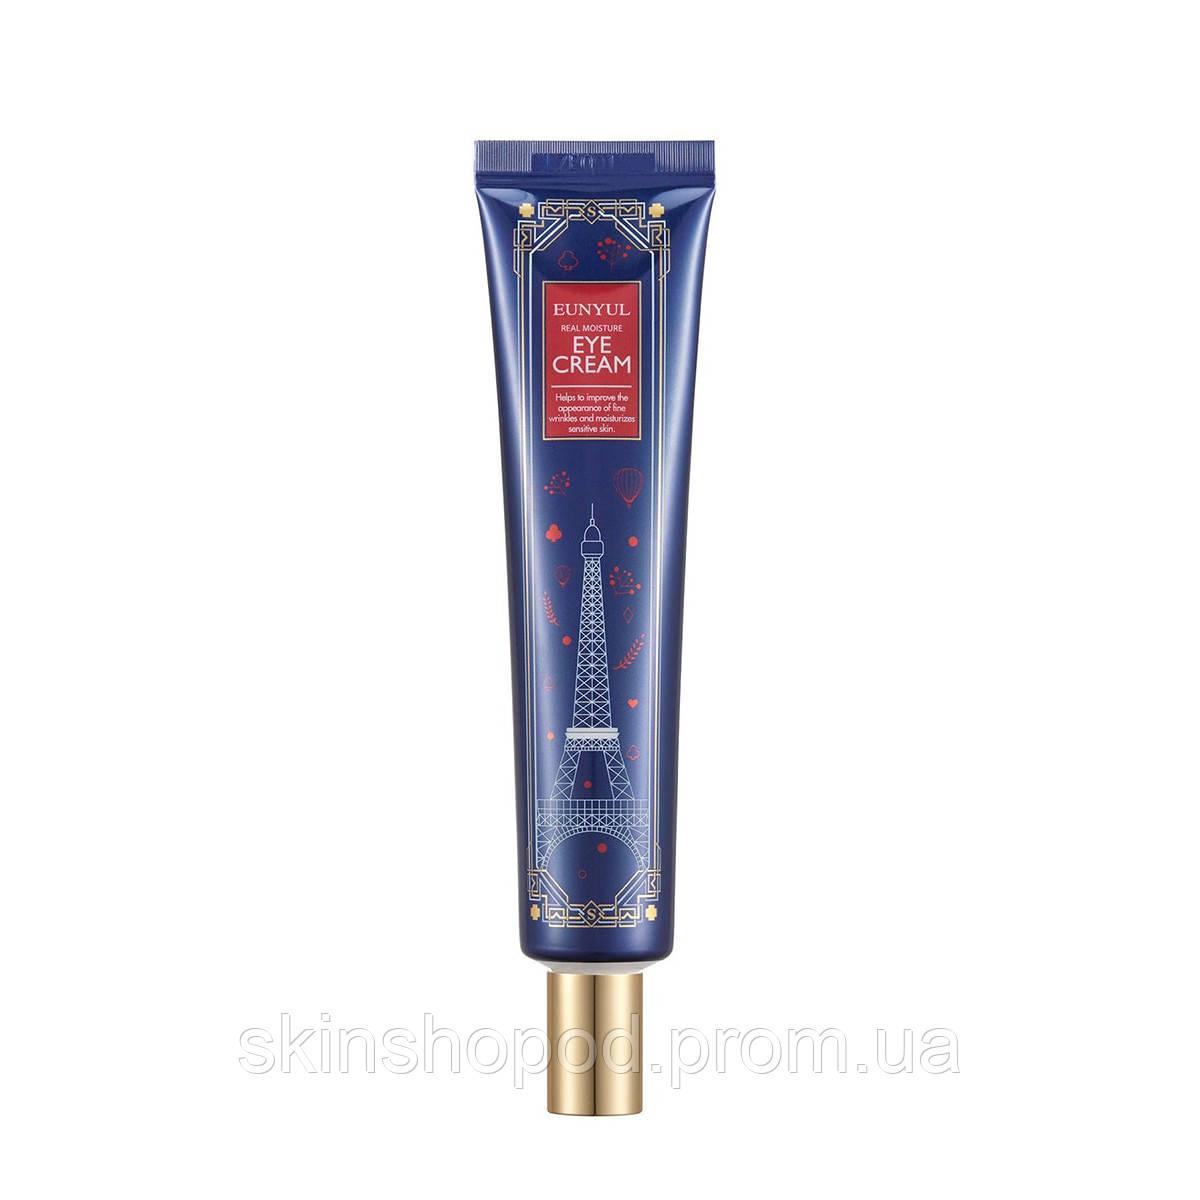 Крем для век с гиалуроновой кислотой максимально увлажняющий EUNYUL Real Moisture Eye Cream - 30 мл